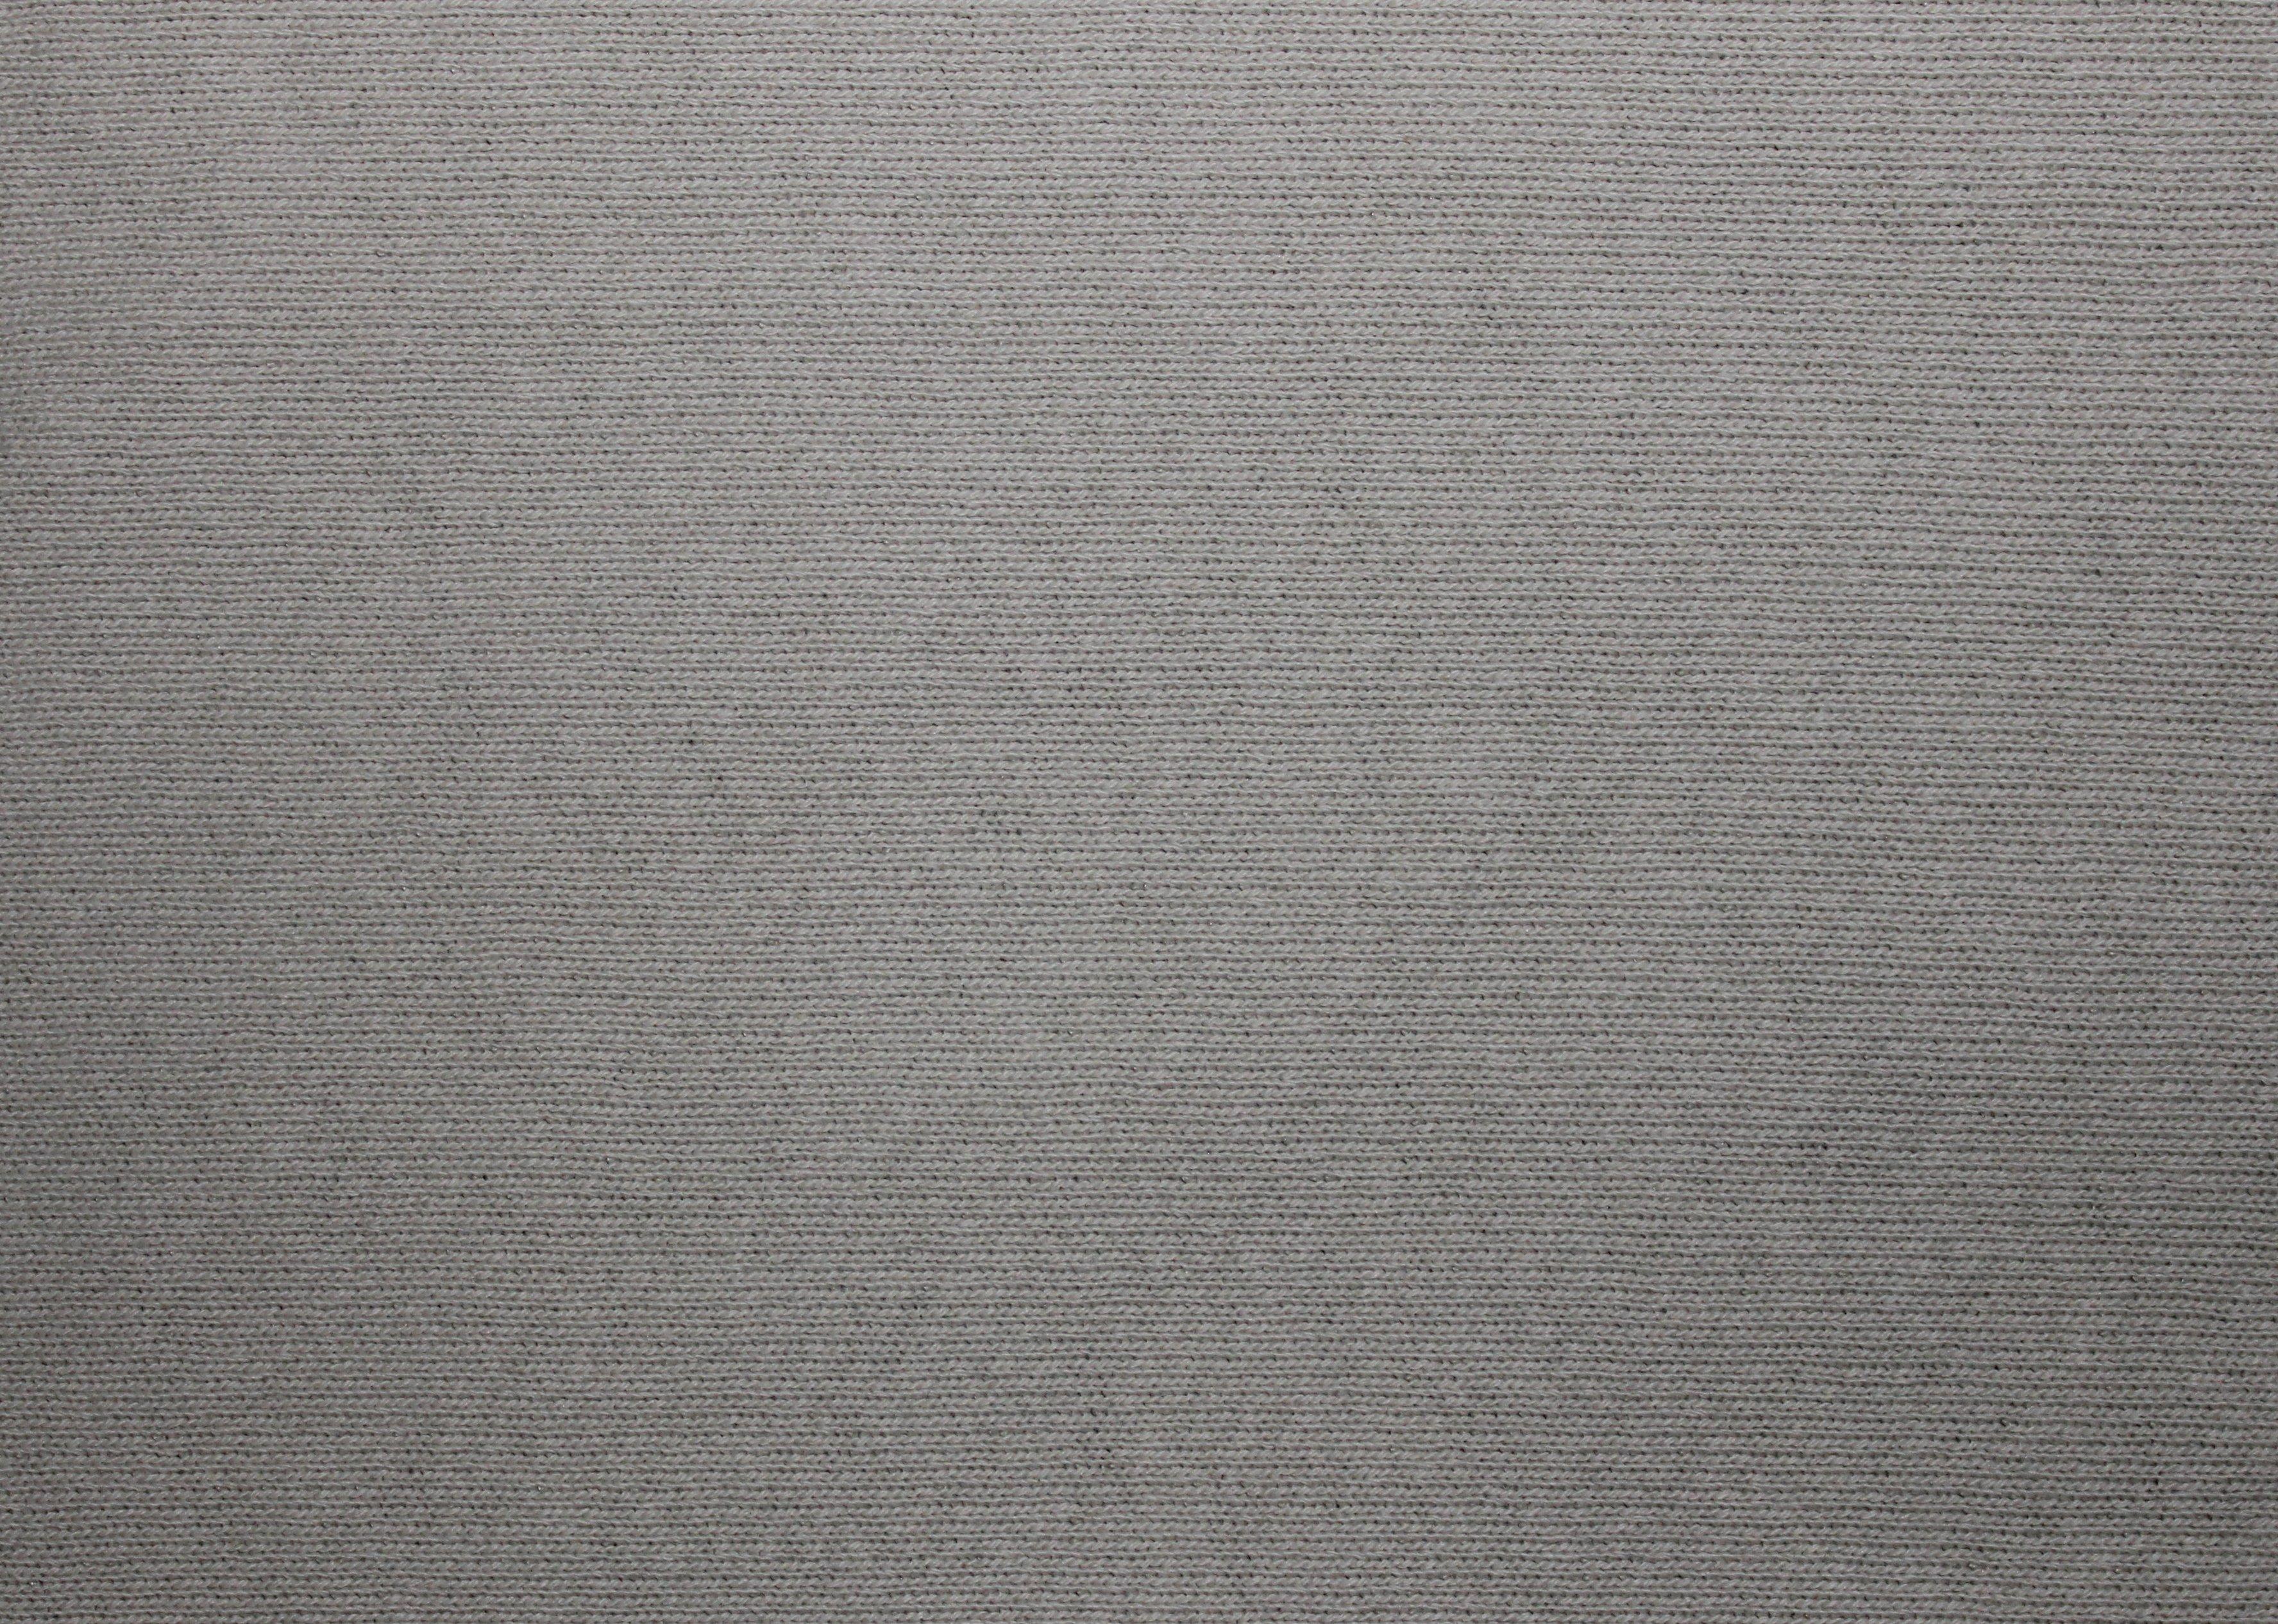 T Shirt Textures Imvu